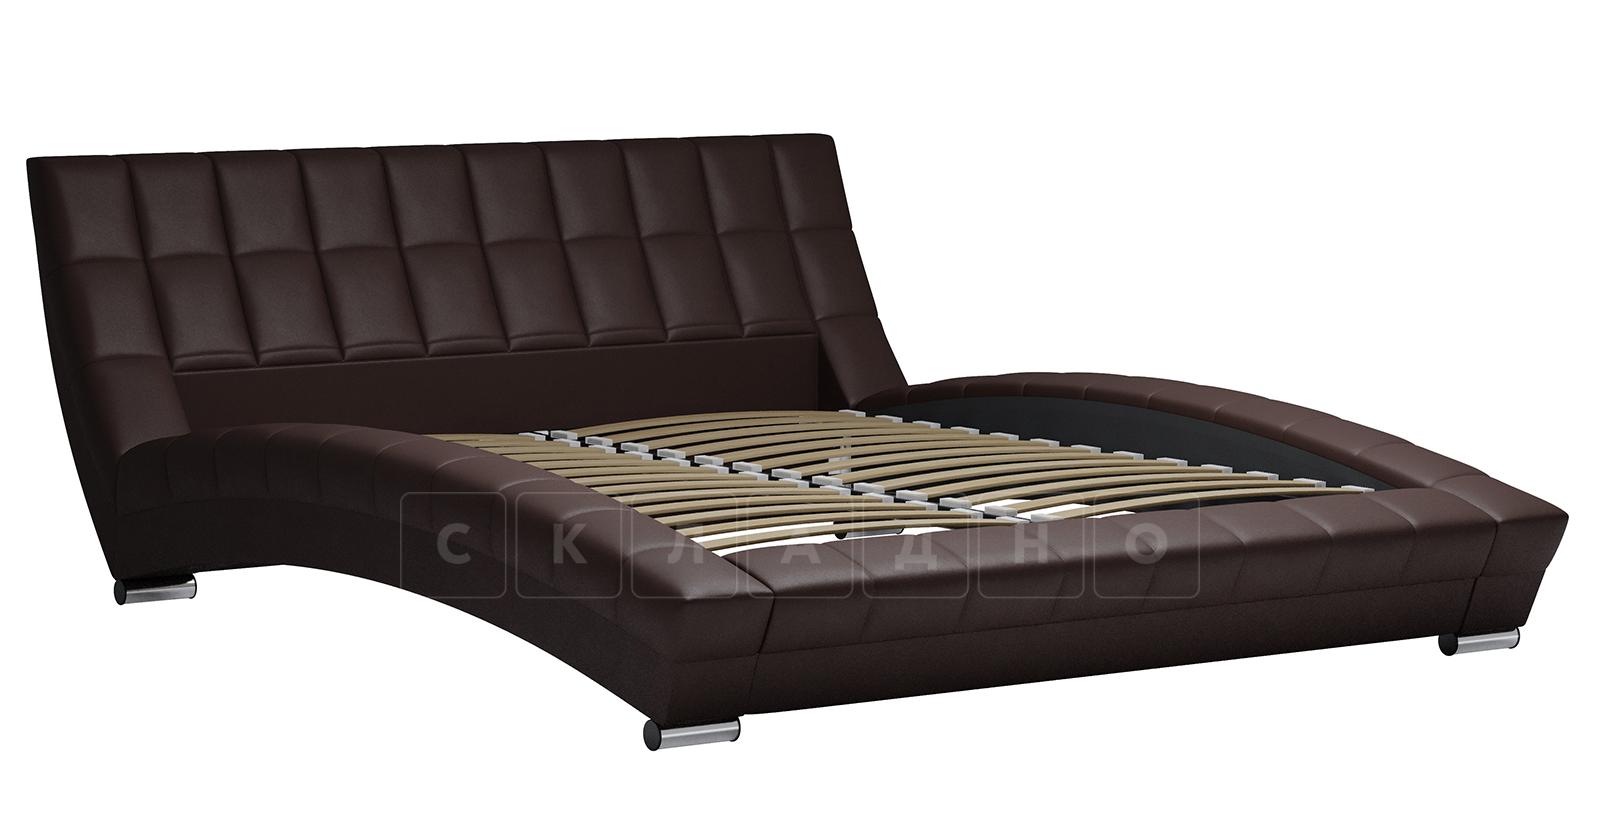 Мягкая кровать Оливия 160 см экокожа шоколад фото 2 | интернет-магазин Складно